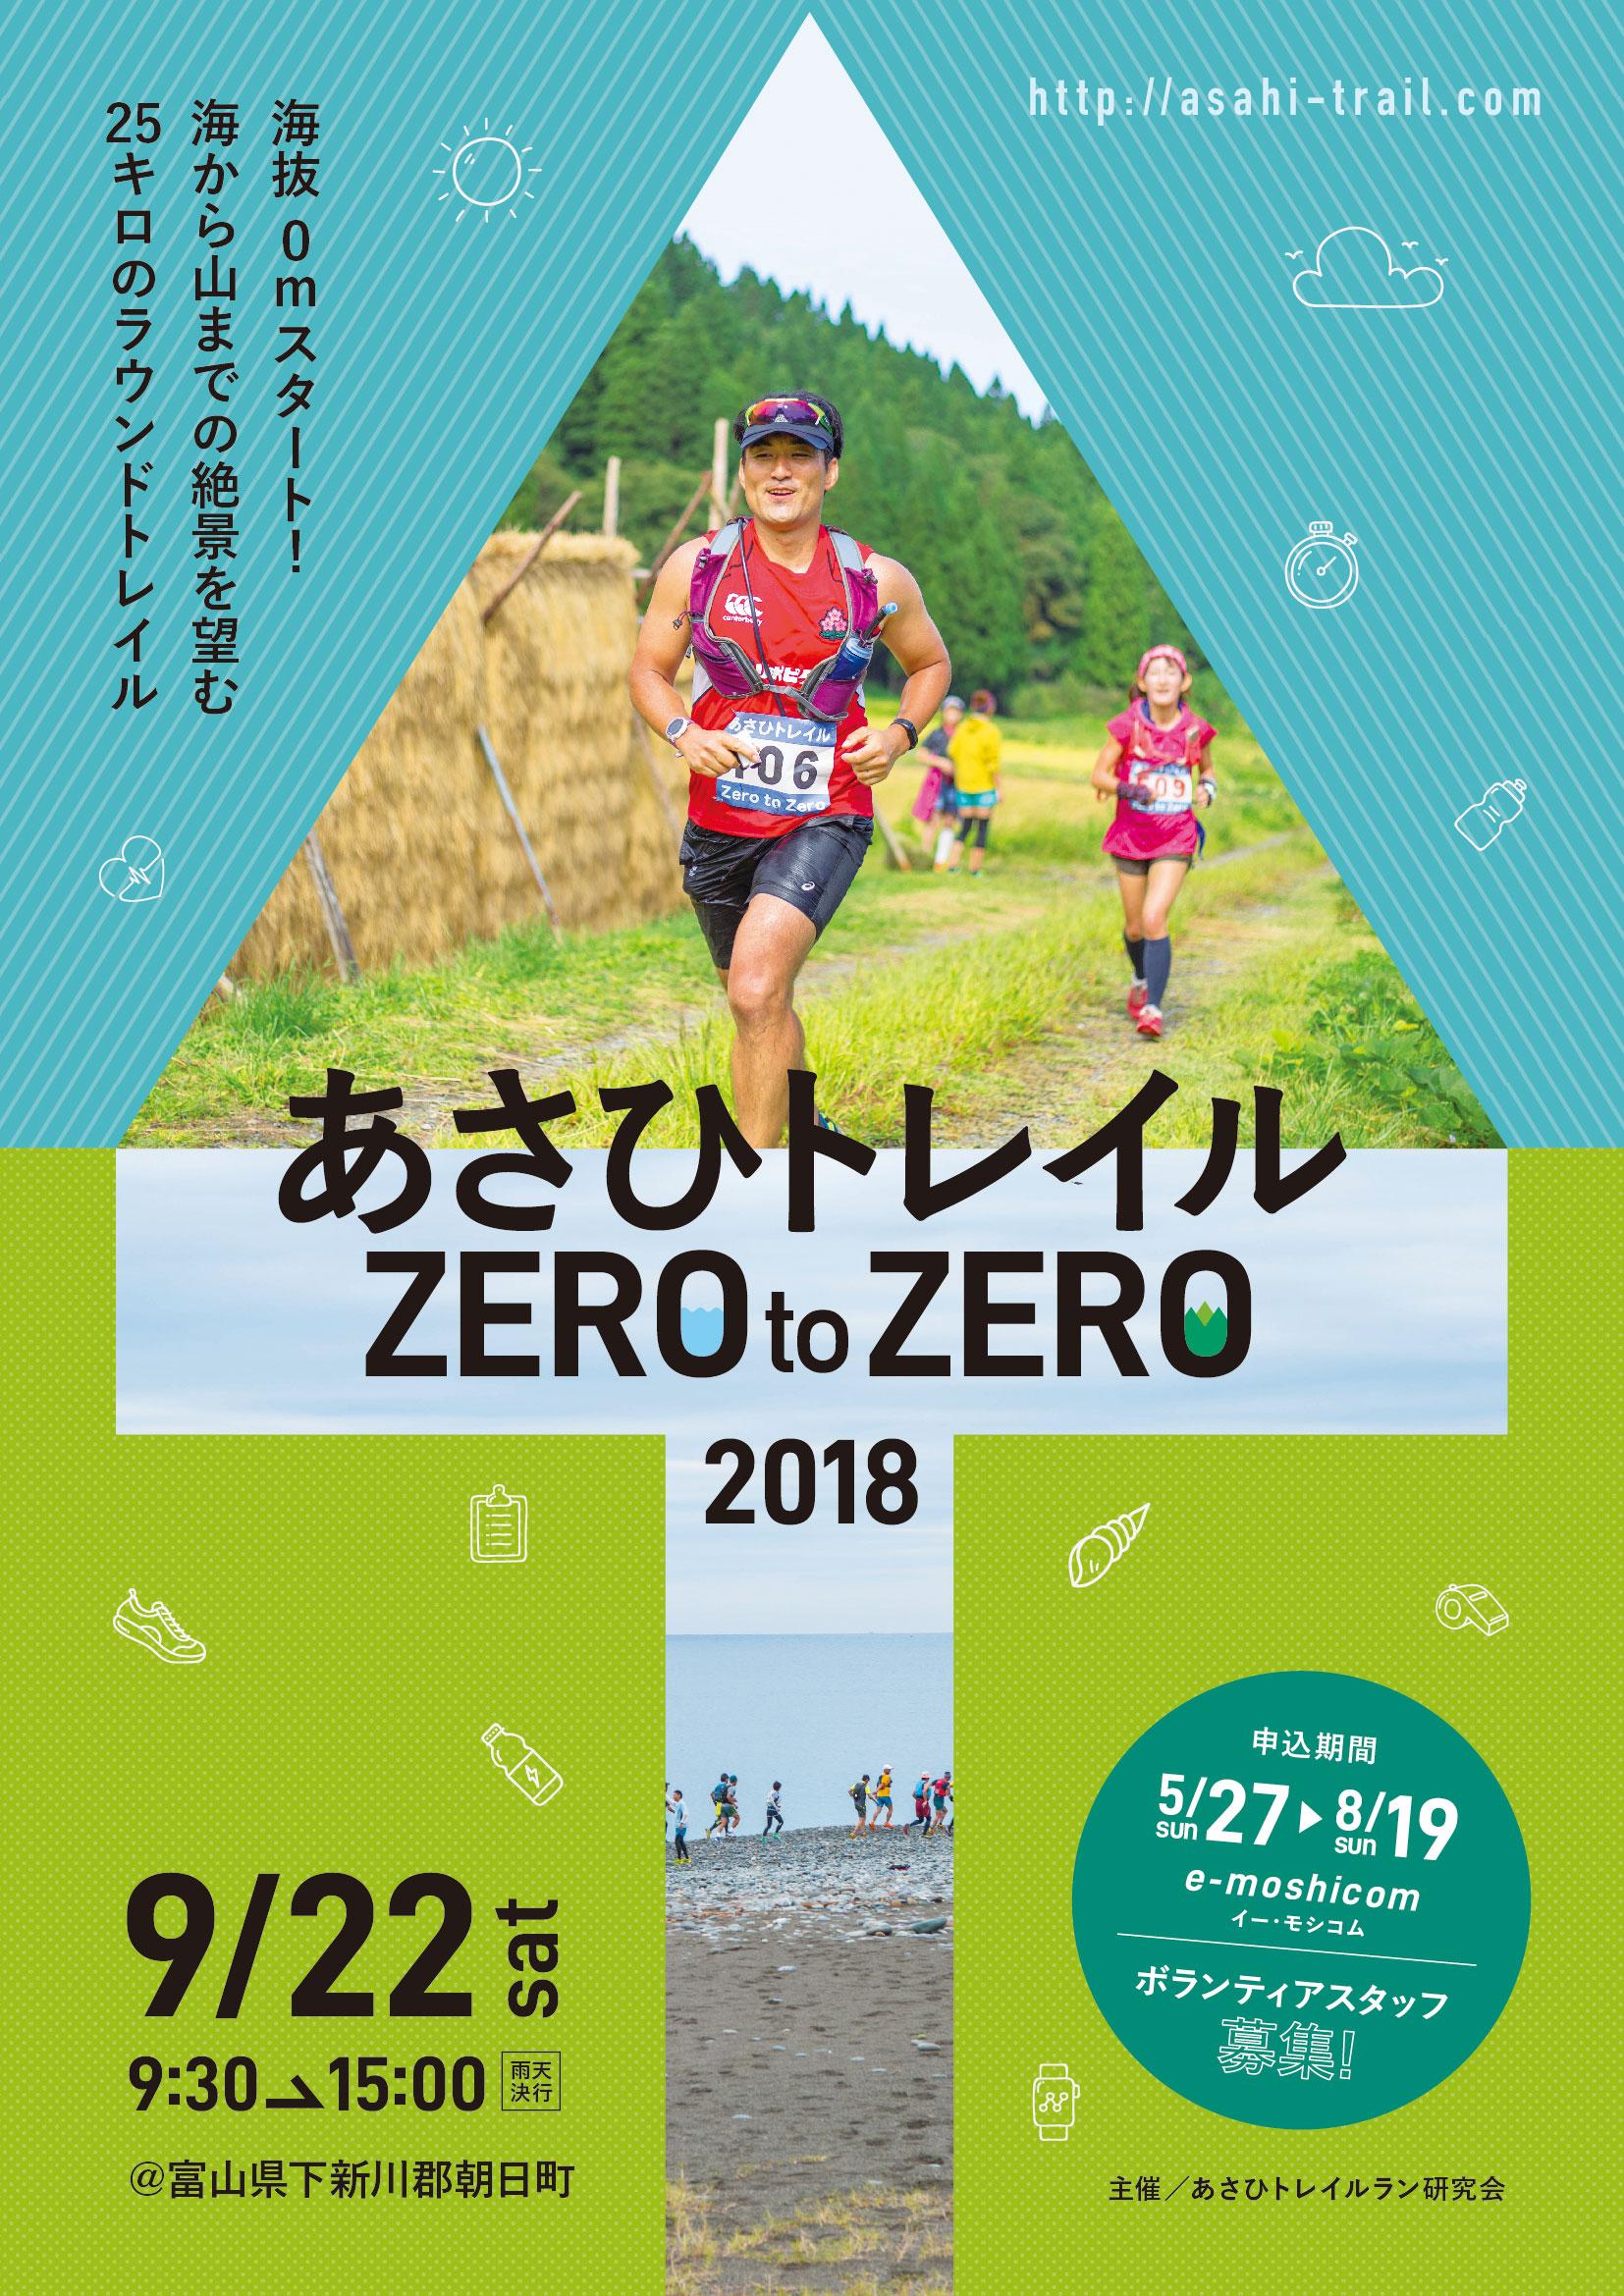 あさひトレイル Zero to Zero 2018チラシ